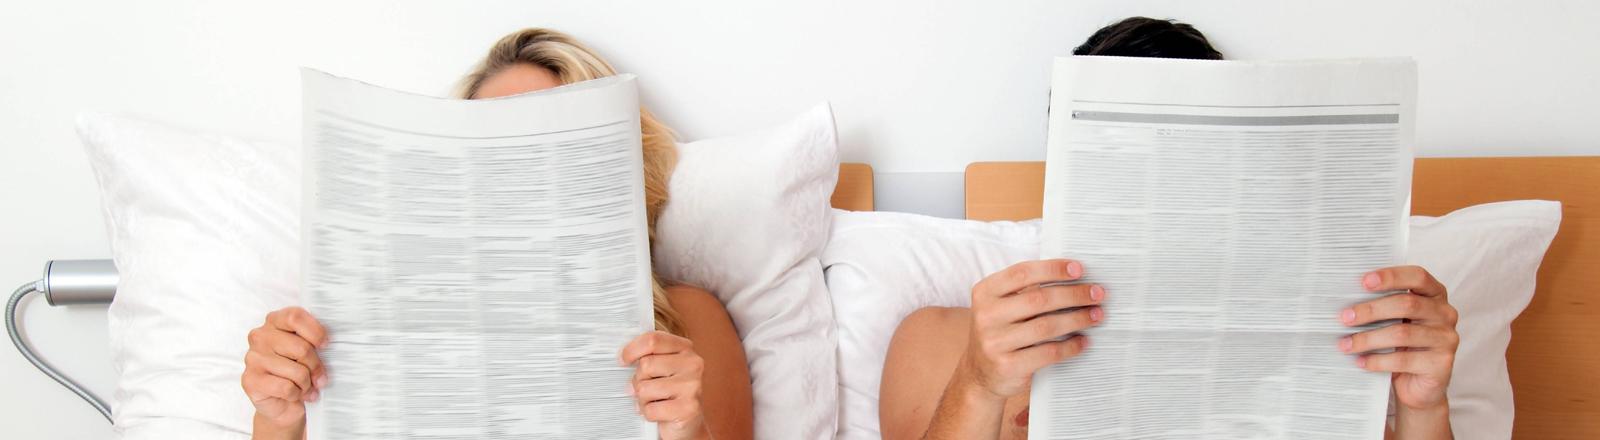 Zeitunglesendes Paar im Bett